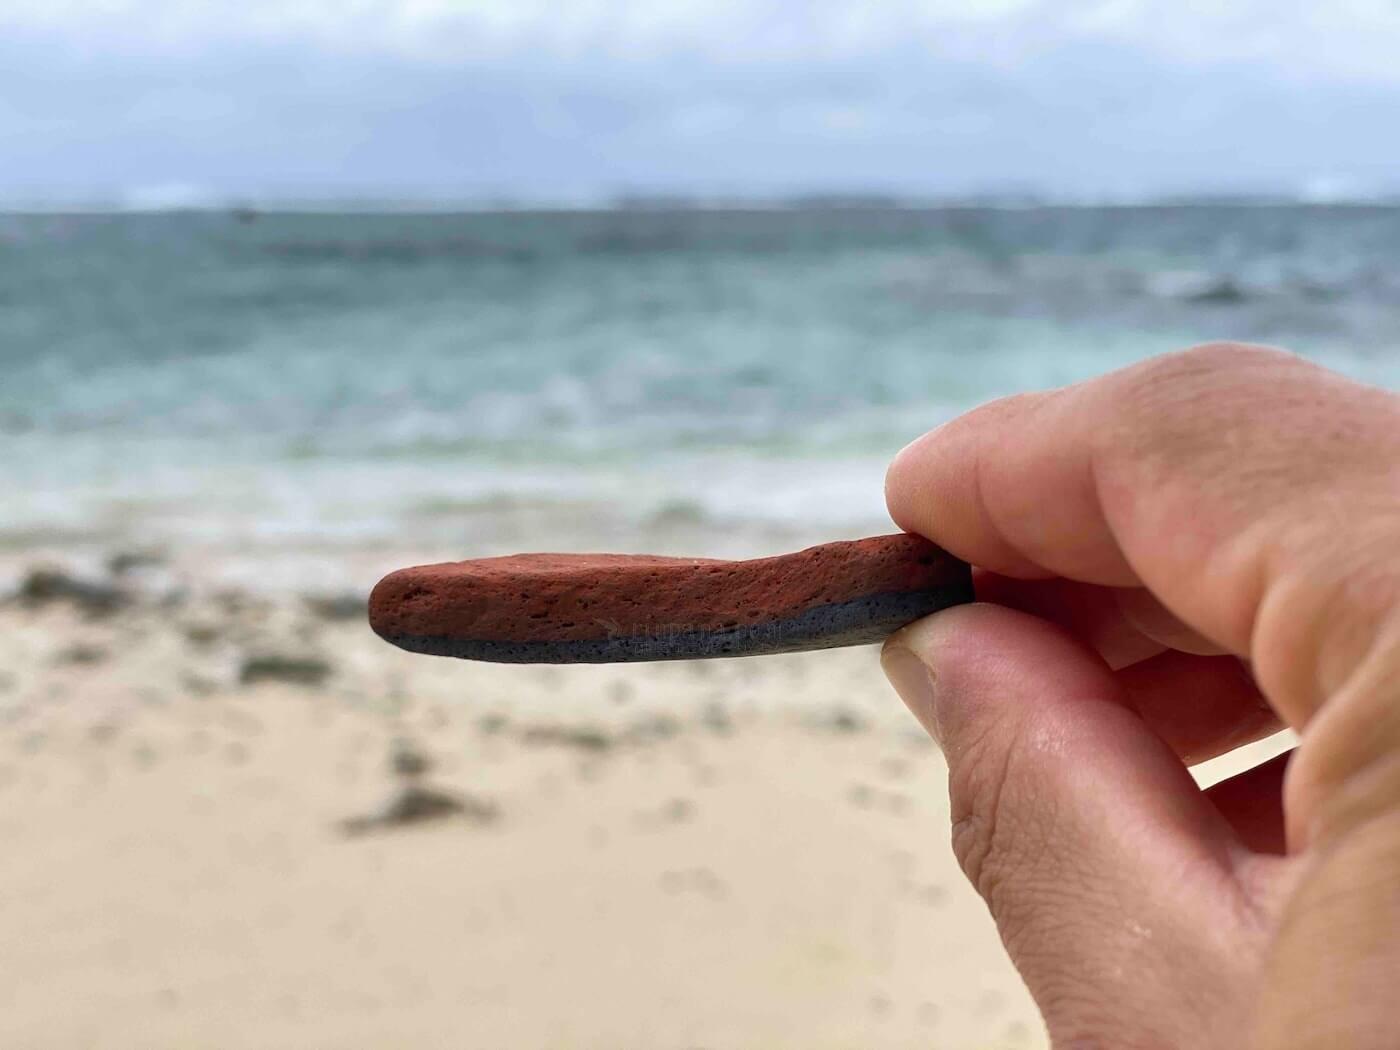 海辺で拾った焼き物の破片